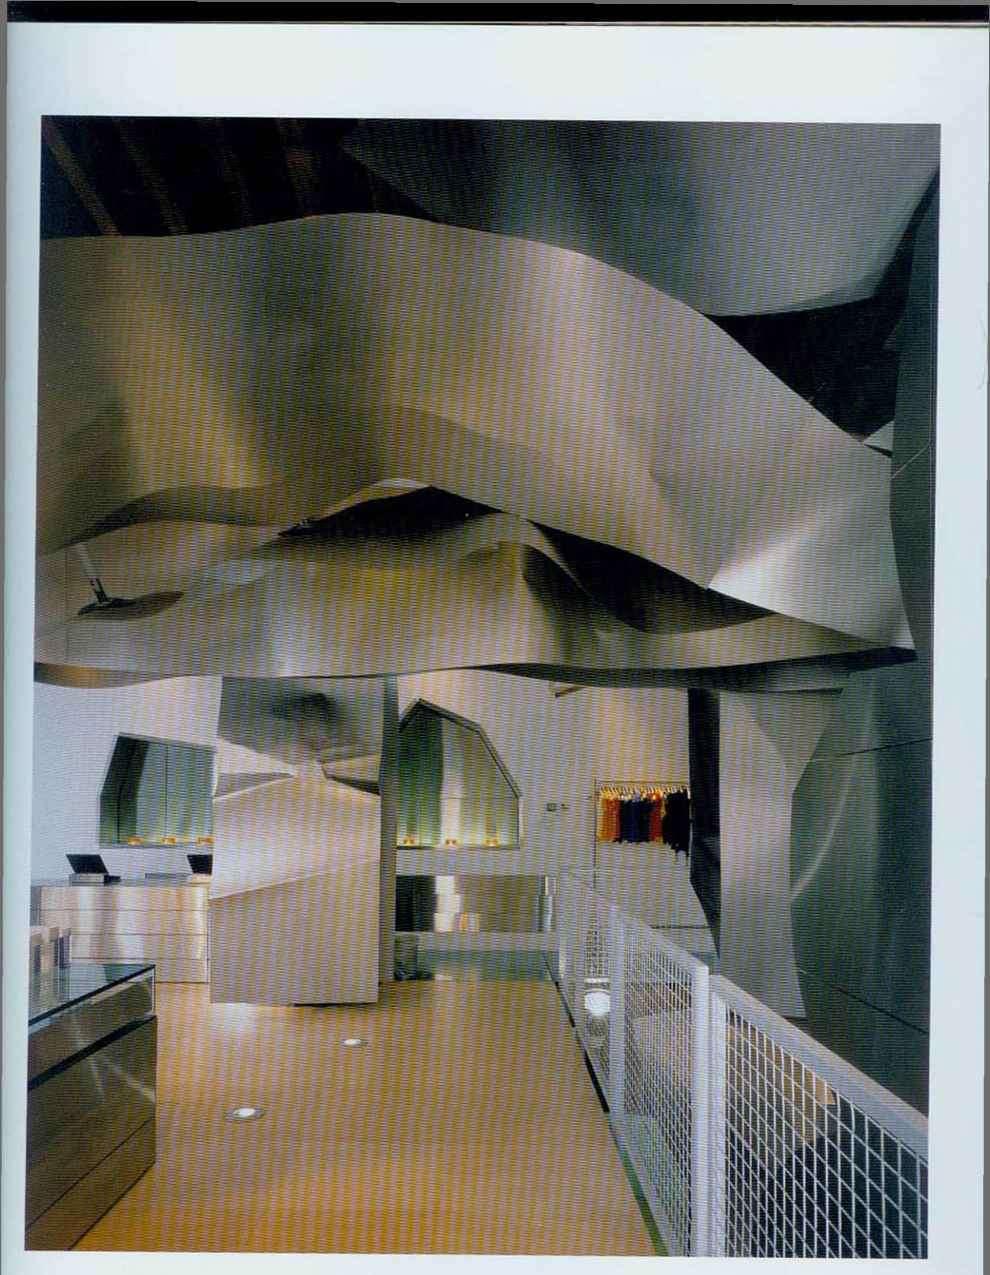 c3049f3810 Issey Miyake new york - Fumita Design - Northern Architecture